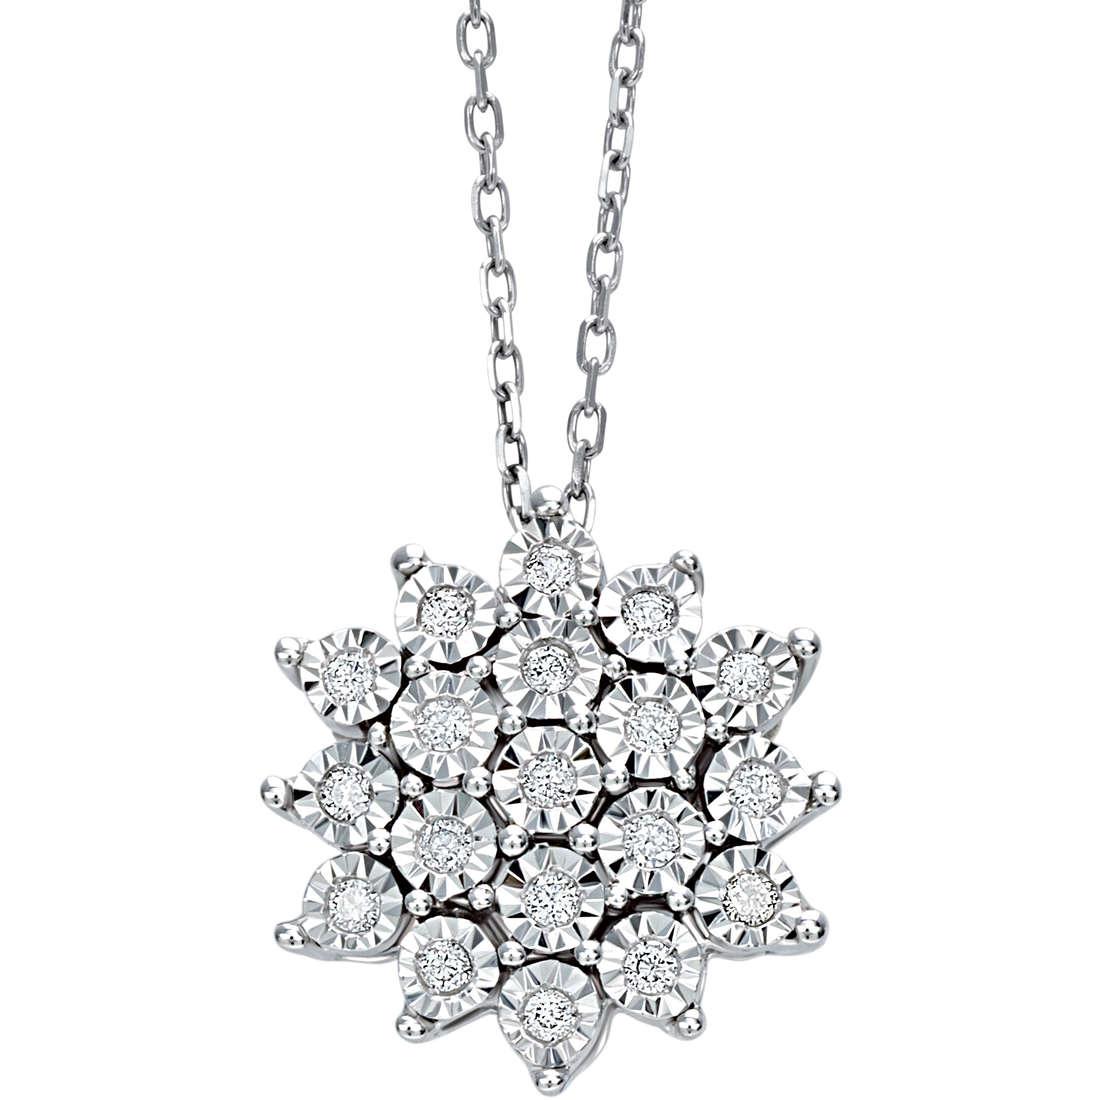 Collana Bliss elisir oro bianco e diamanti